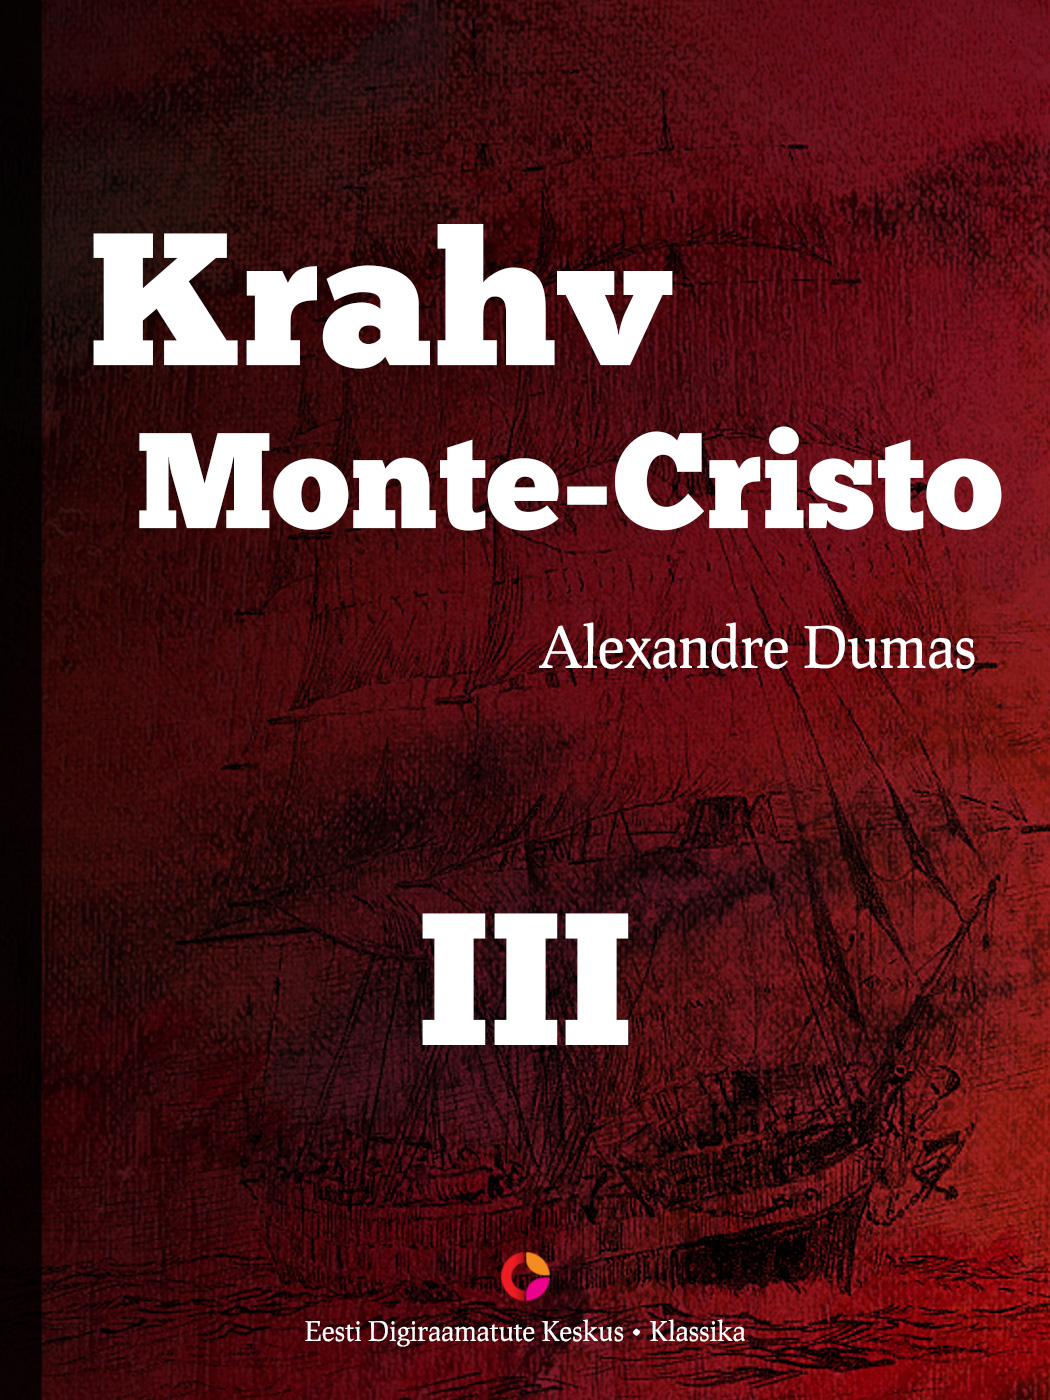 Alexandre Dumas Krahv Monte-Cristo. 3. osa alexandre dumas krahv monte cristo koguteos isbn 9789949480494